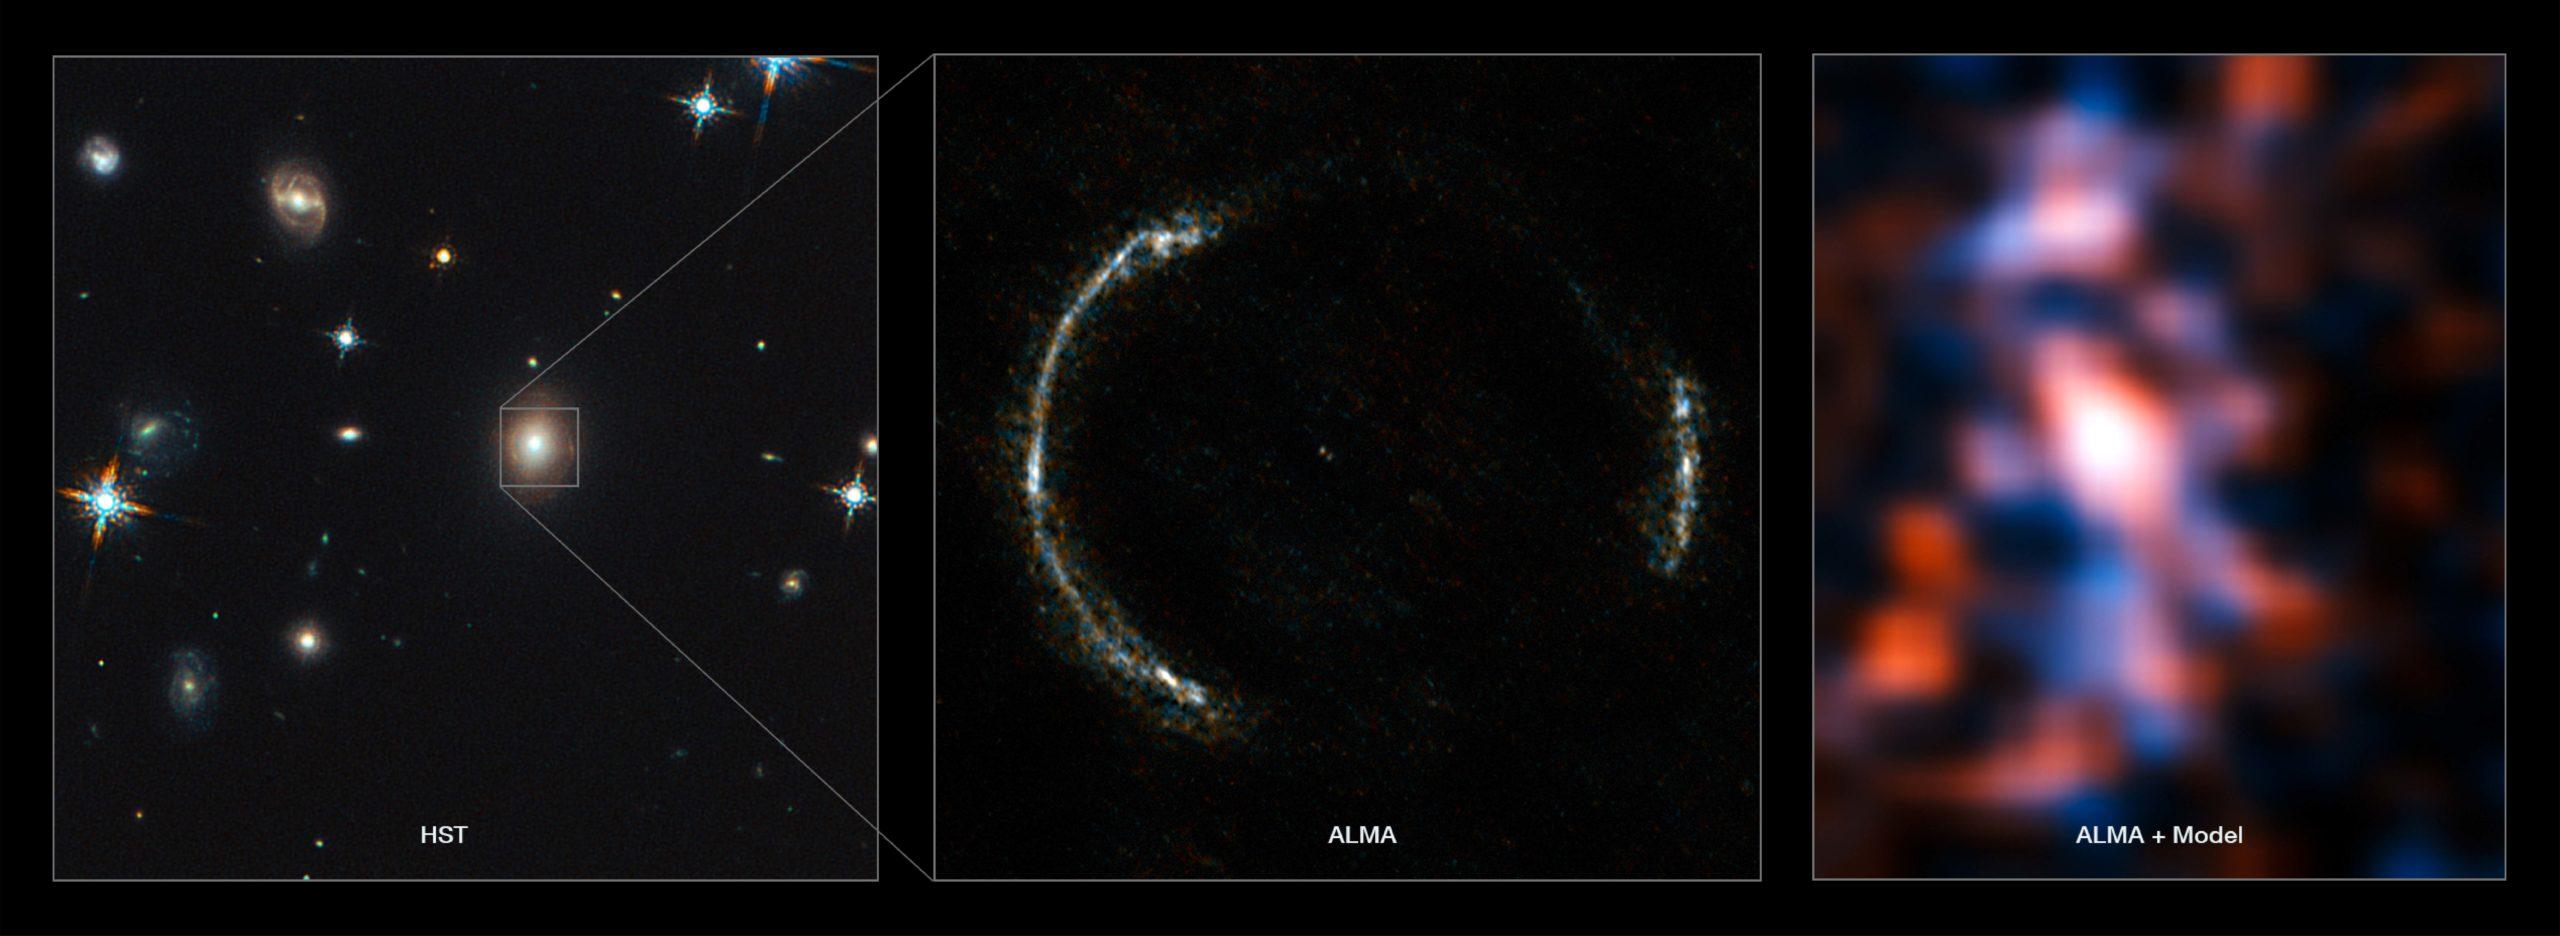 天文學家從 ALMA 影像(中)重建出背景星系的樣貌(右),目睹 120 億光年外的異世界。透鏡星系是橢圓星系,通常不會發出電波,所以在 ALMA 的波段可以不受透鏡星系干擾,清楚分辨來自背景星系的光。再加上 ALMA 有夠好的解析度和靈敏度,才能看清楚愛因斯坦環,並執行以上的計算。圖│ ALMA (NRAO/ESO/NAOJ)/Y. Tamura (The University of Tokyo)/Mark Swinbank (Durham University)。